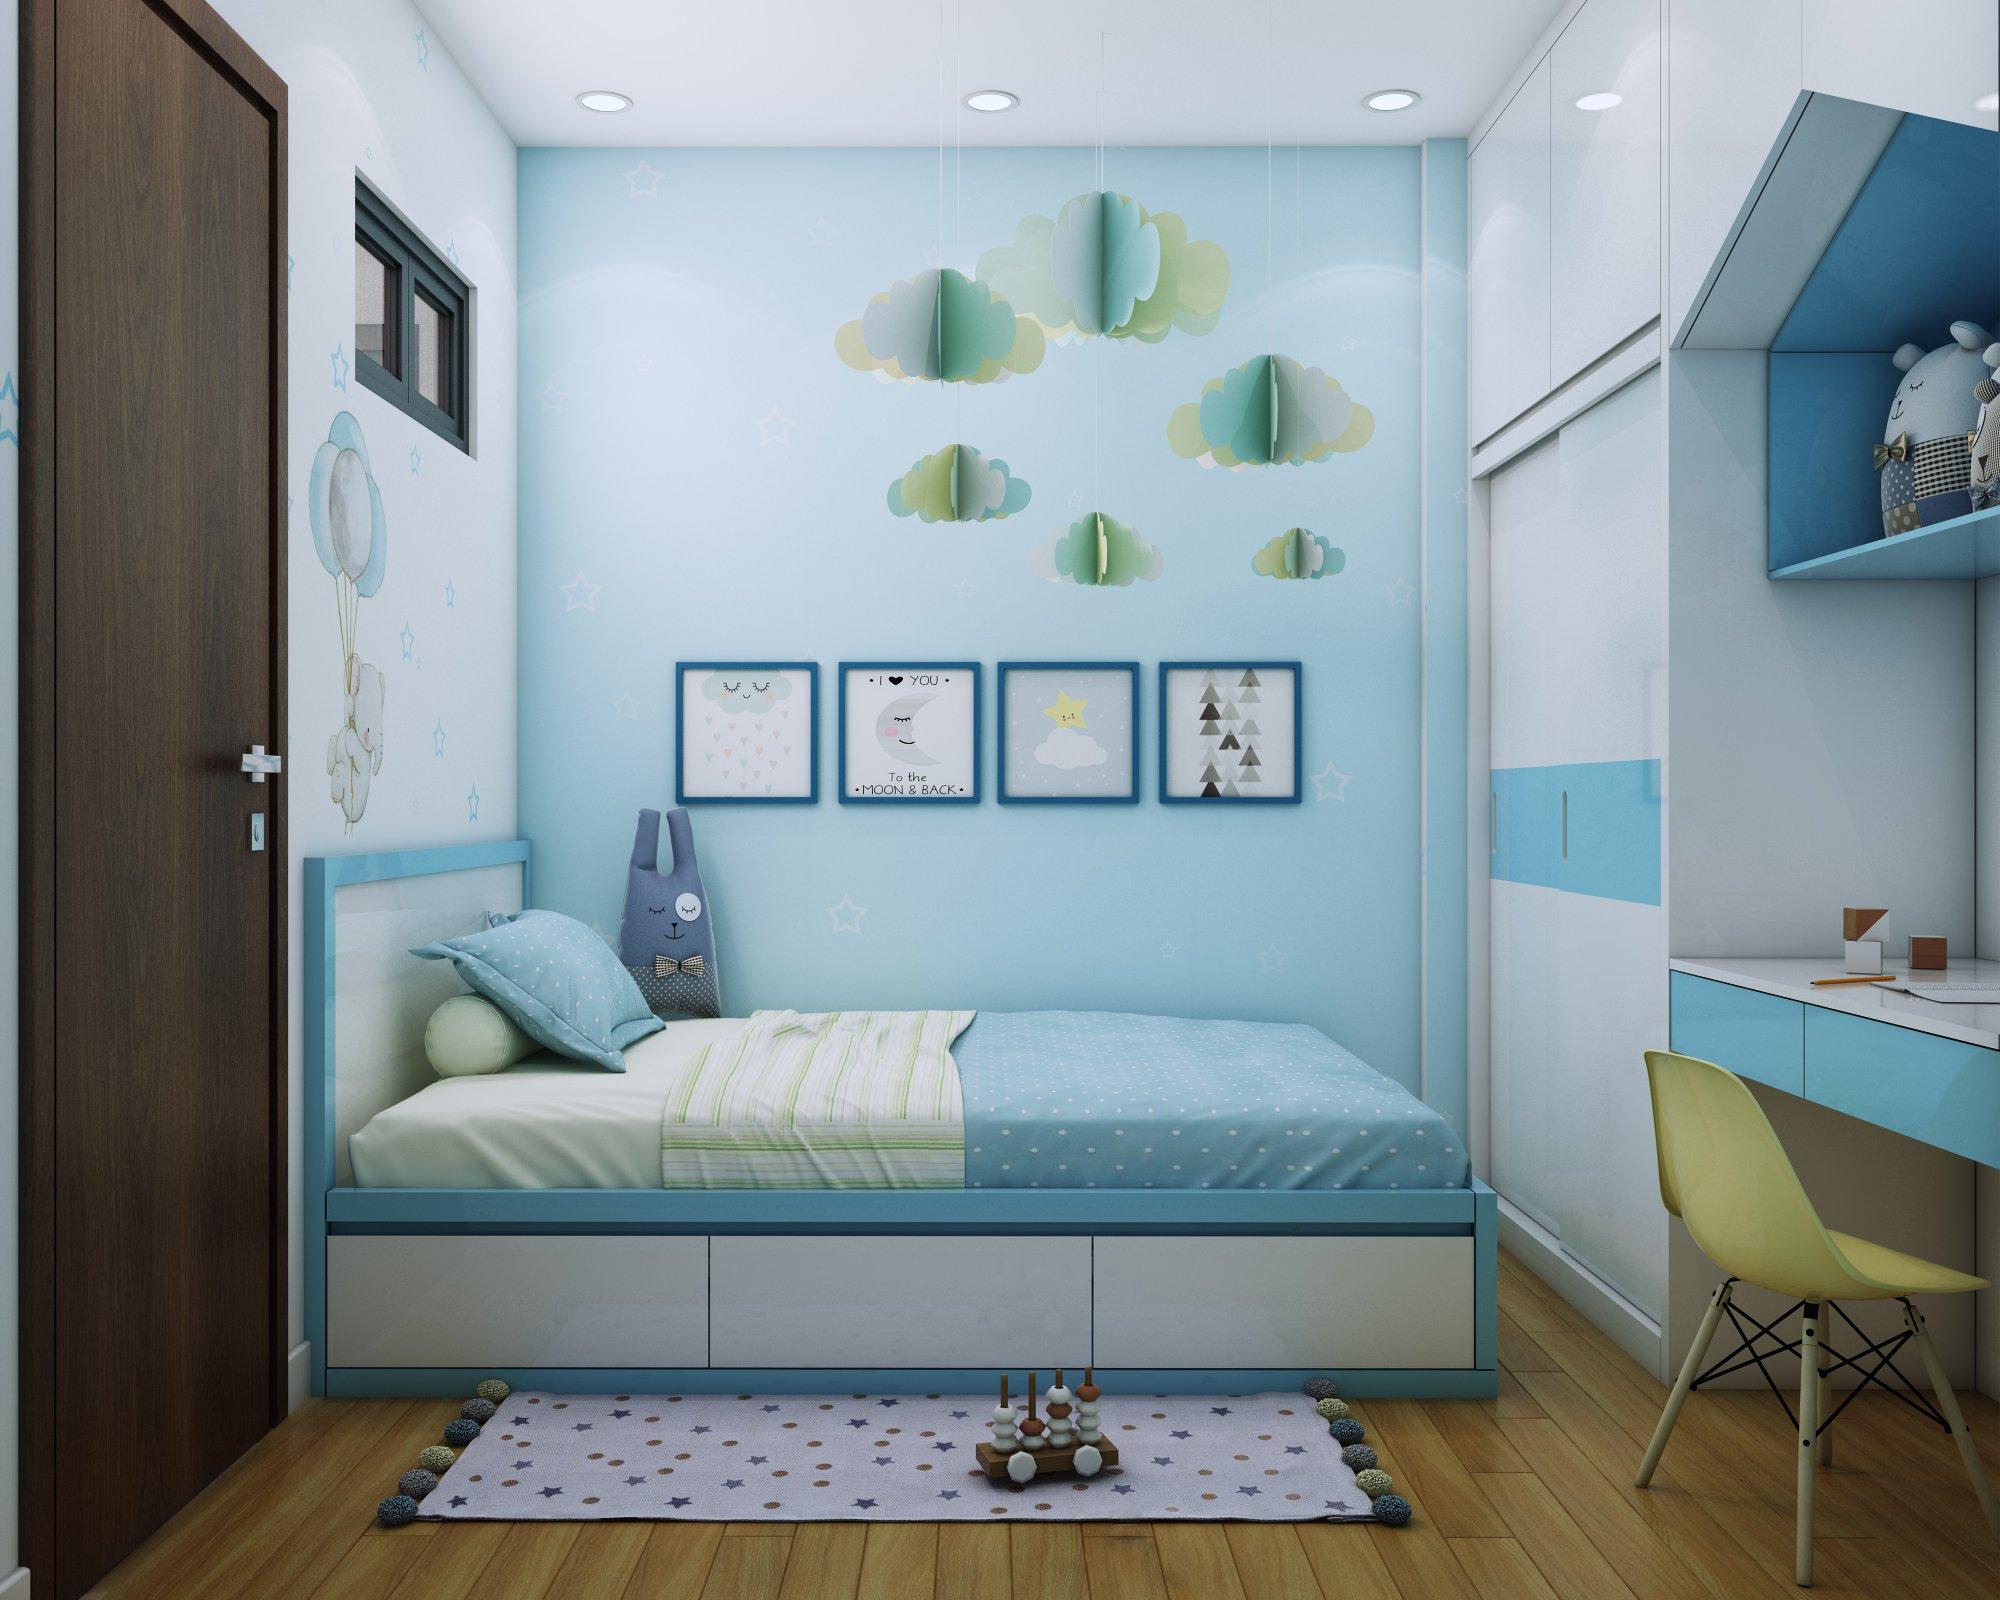 Nội thất phòng ngủ nhỏ Bcons Suối Tiên